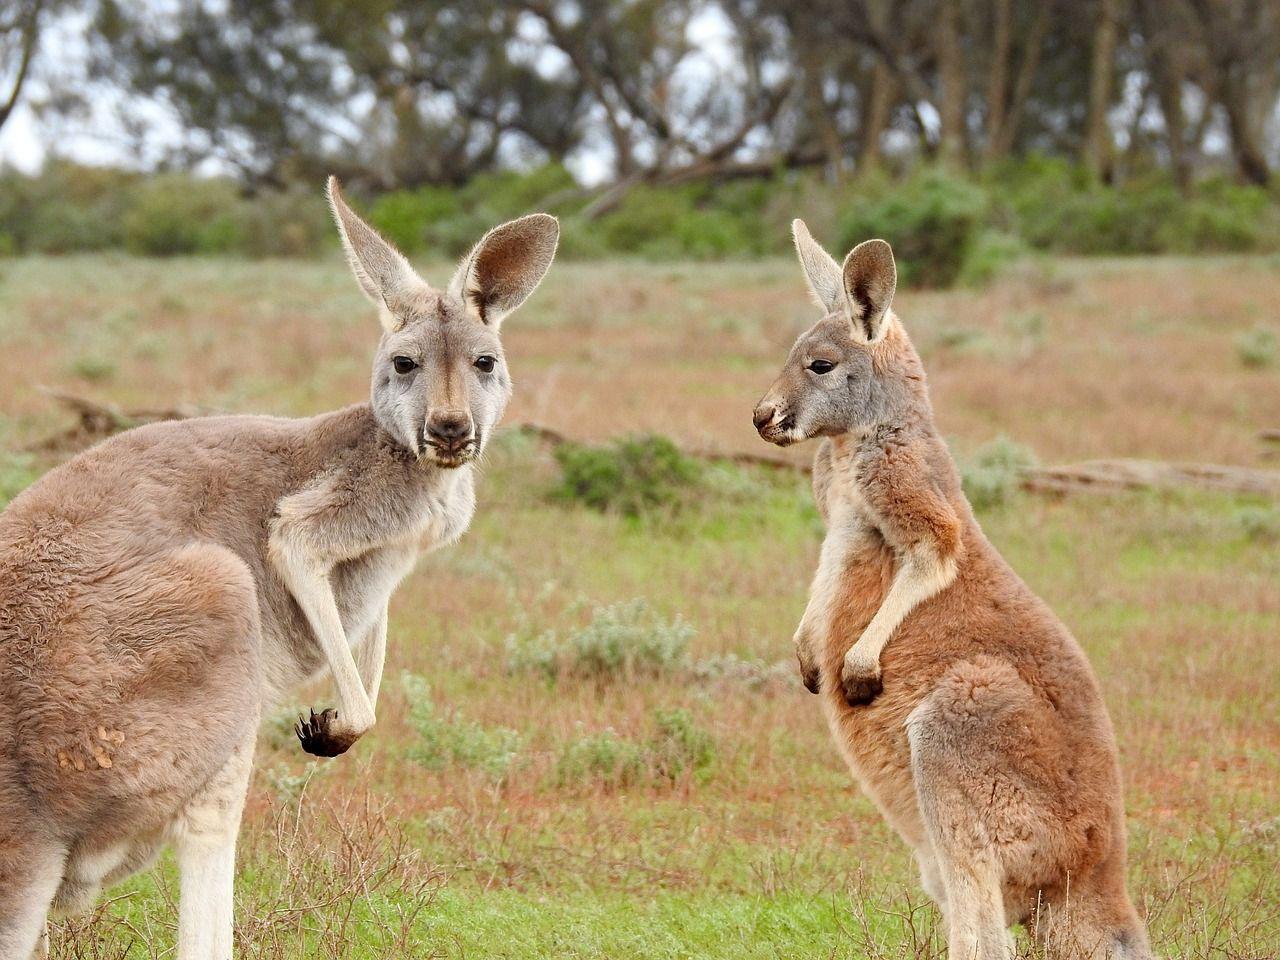 アメリカとオーストラリア渡航で必要な「電子渡航証明書」